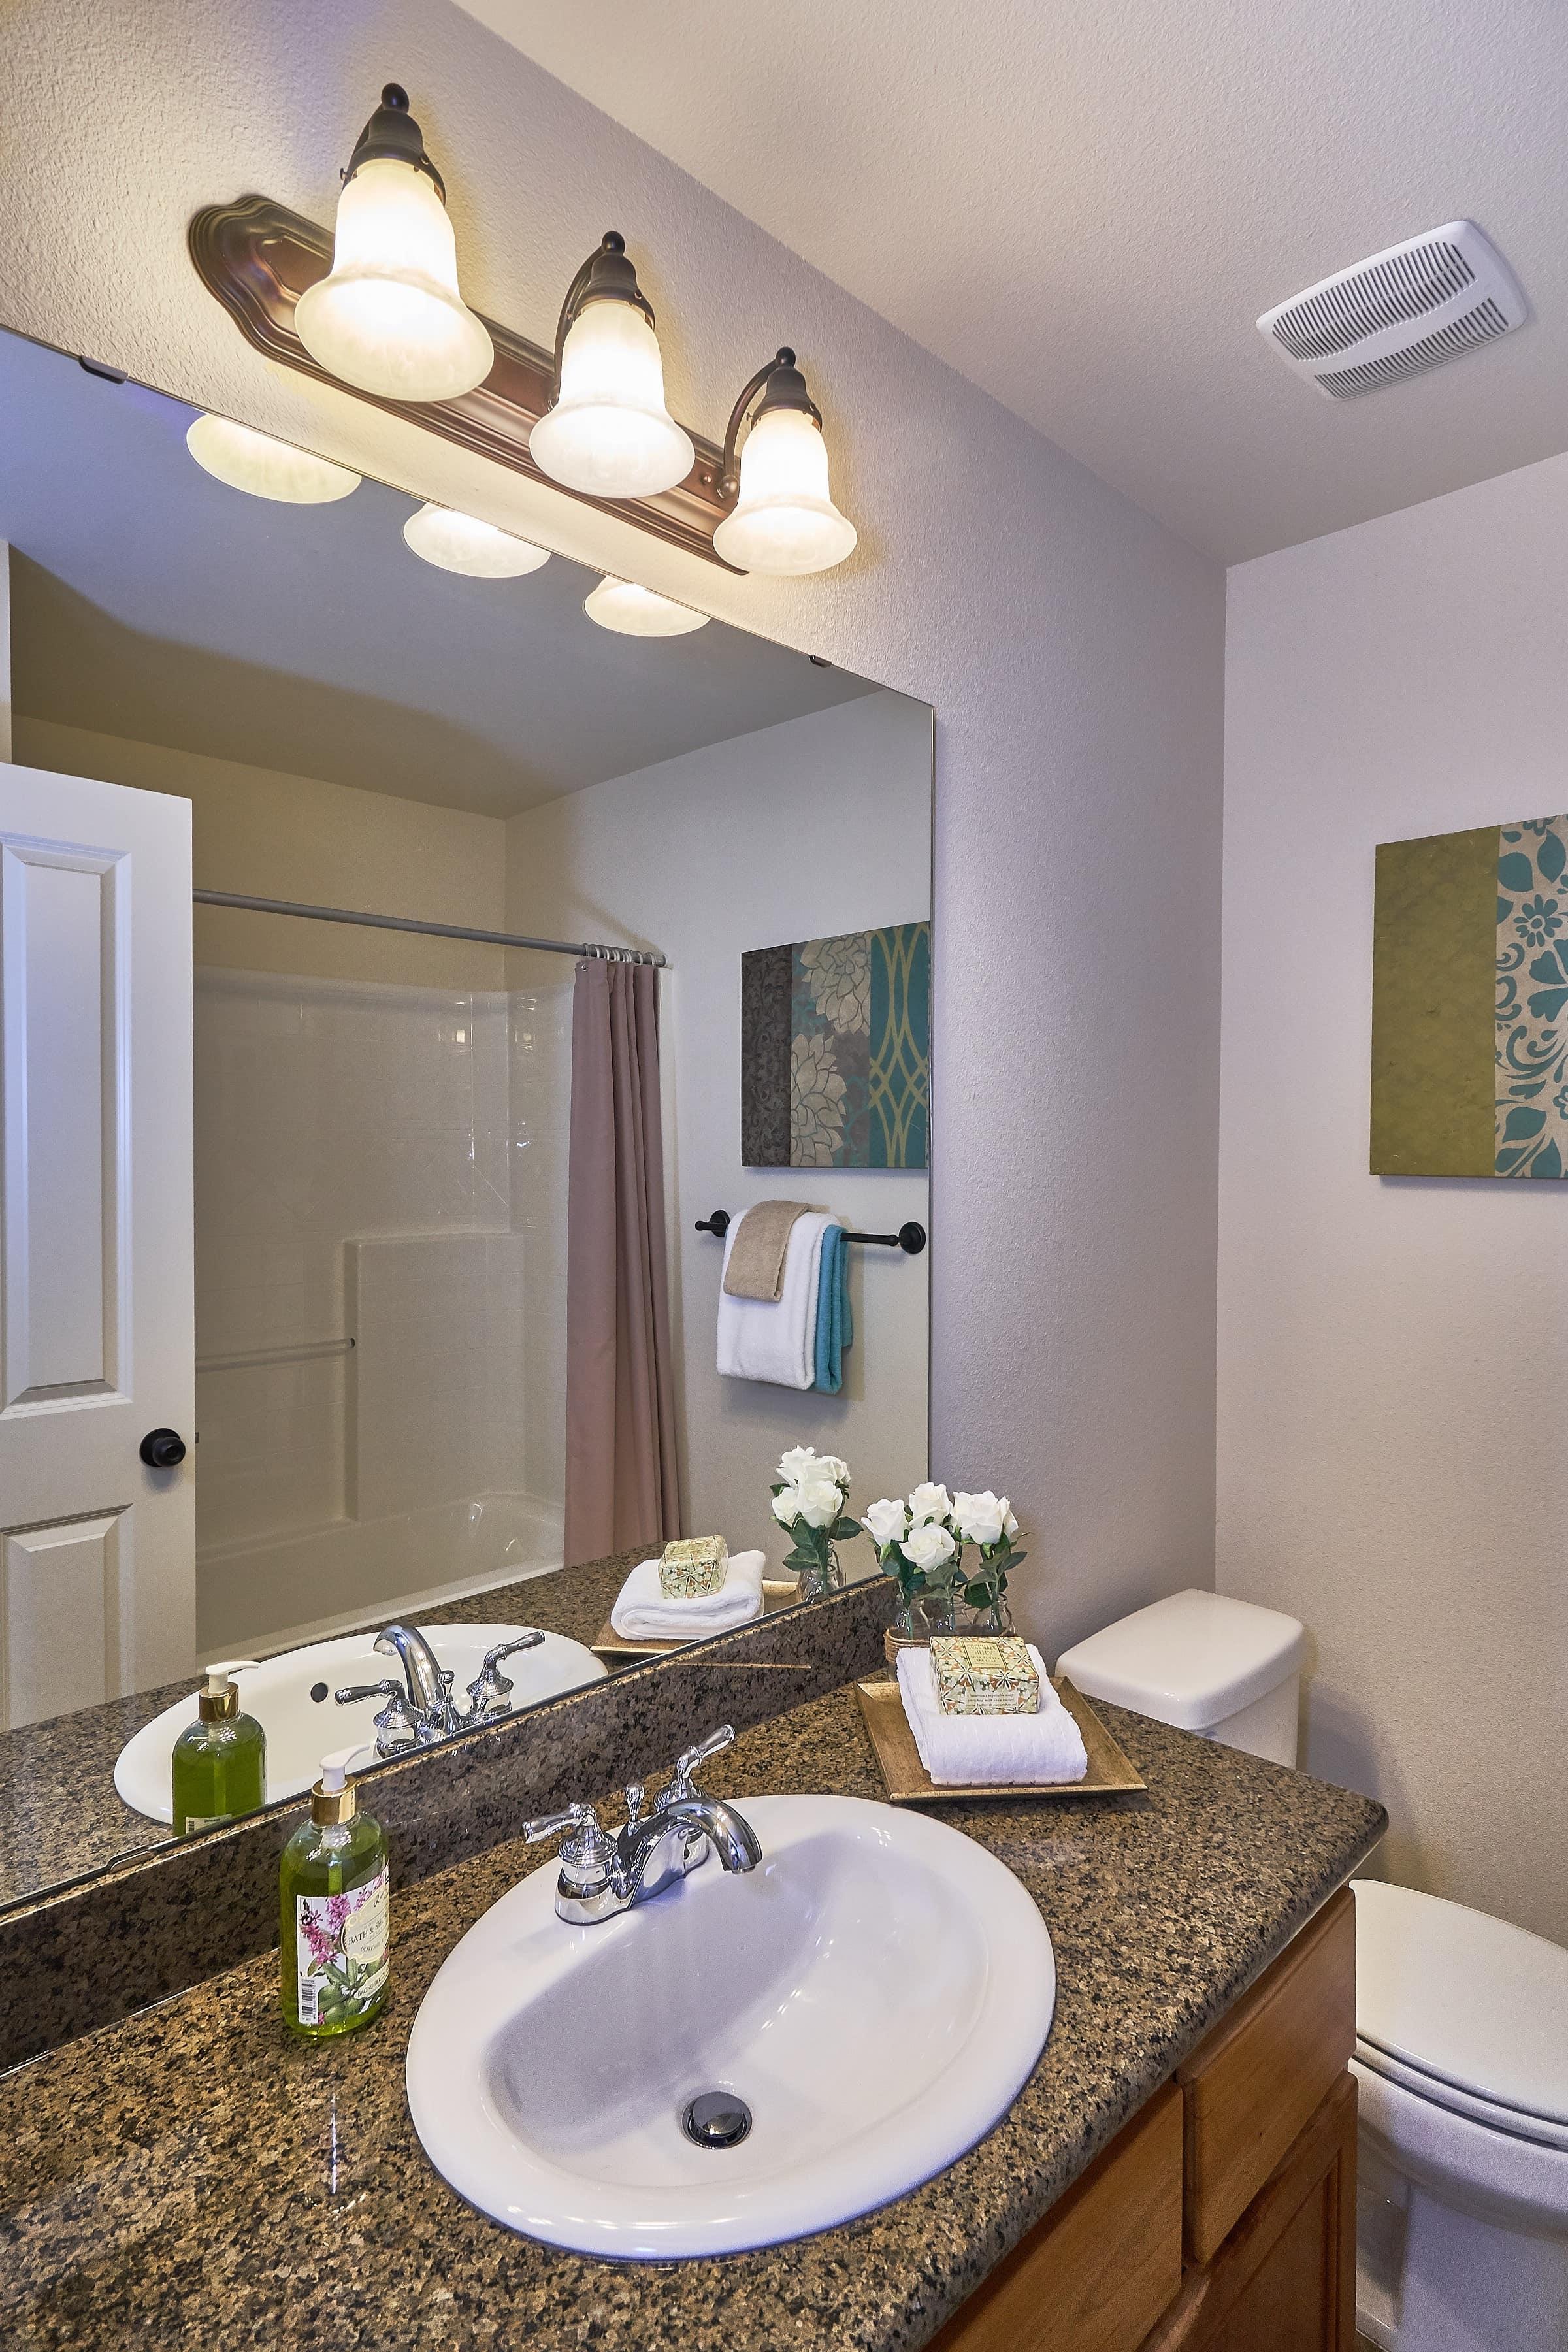 015_Upstirs Bathroom